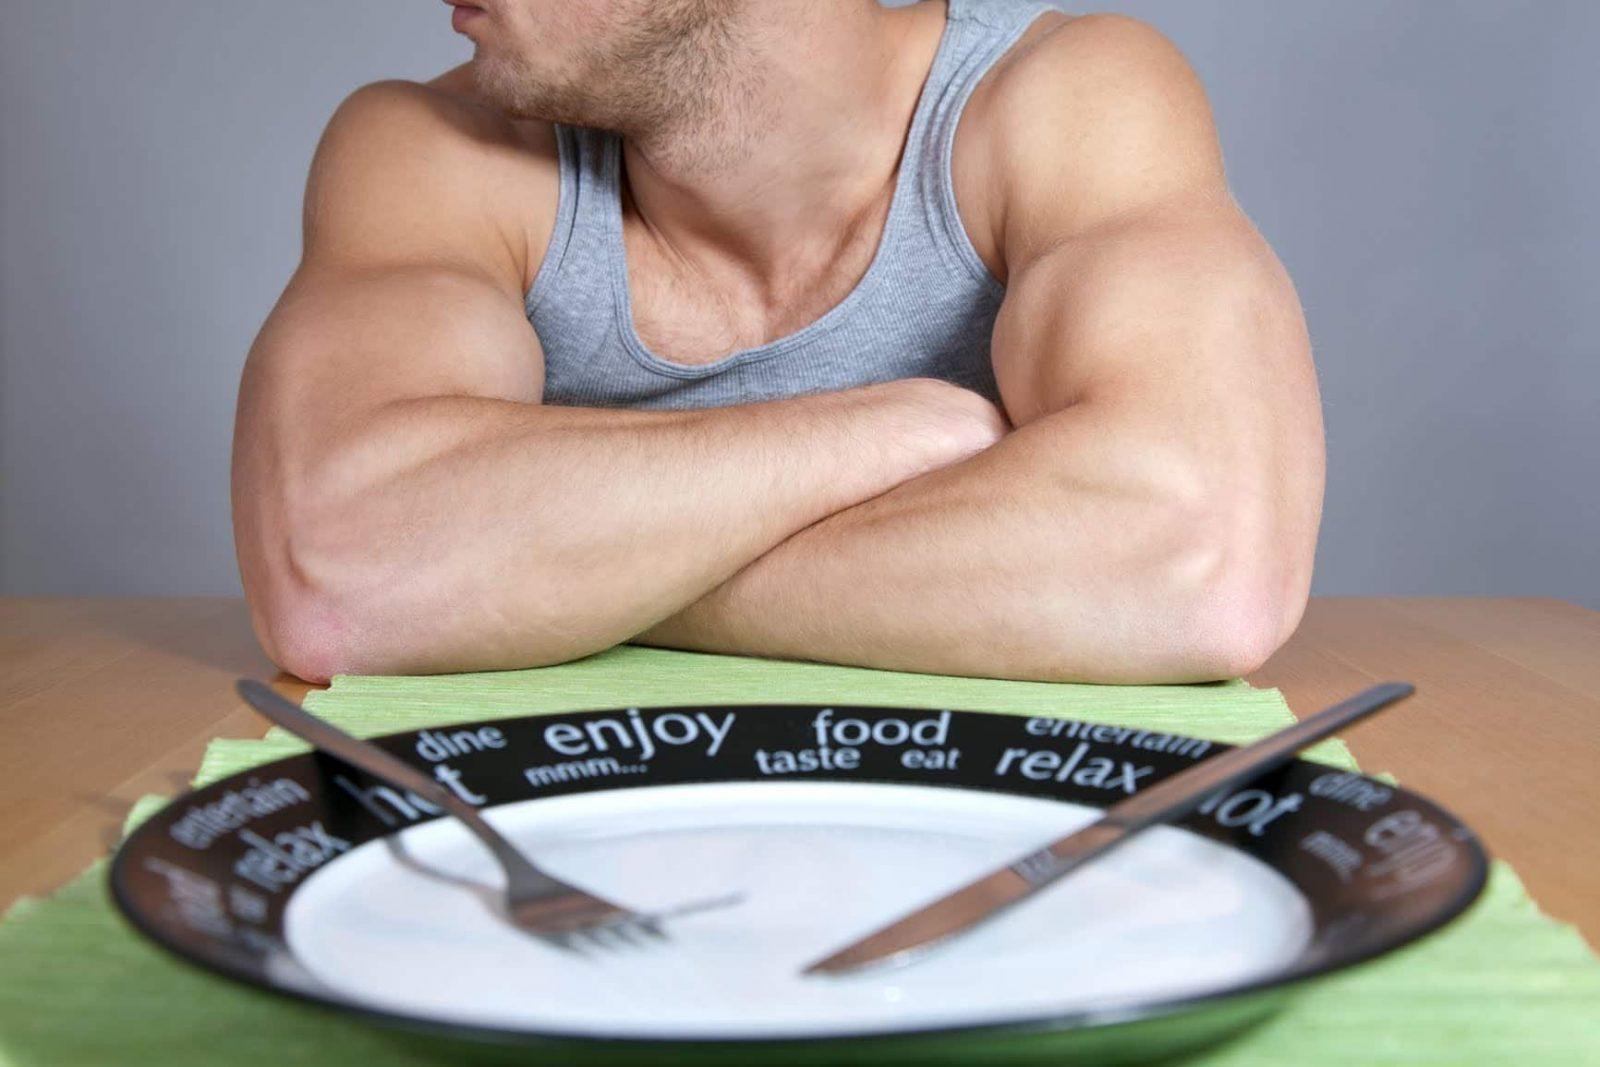 Атлет сидит за столом, на котором стоит пустая тарелка с ножом и вилкой